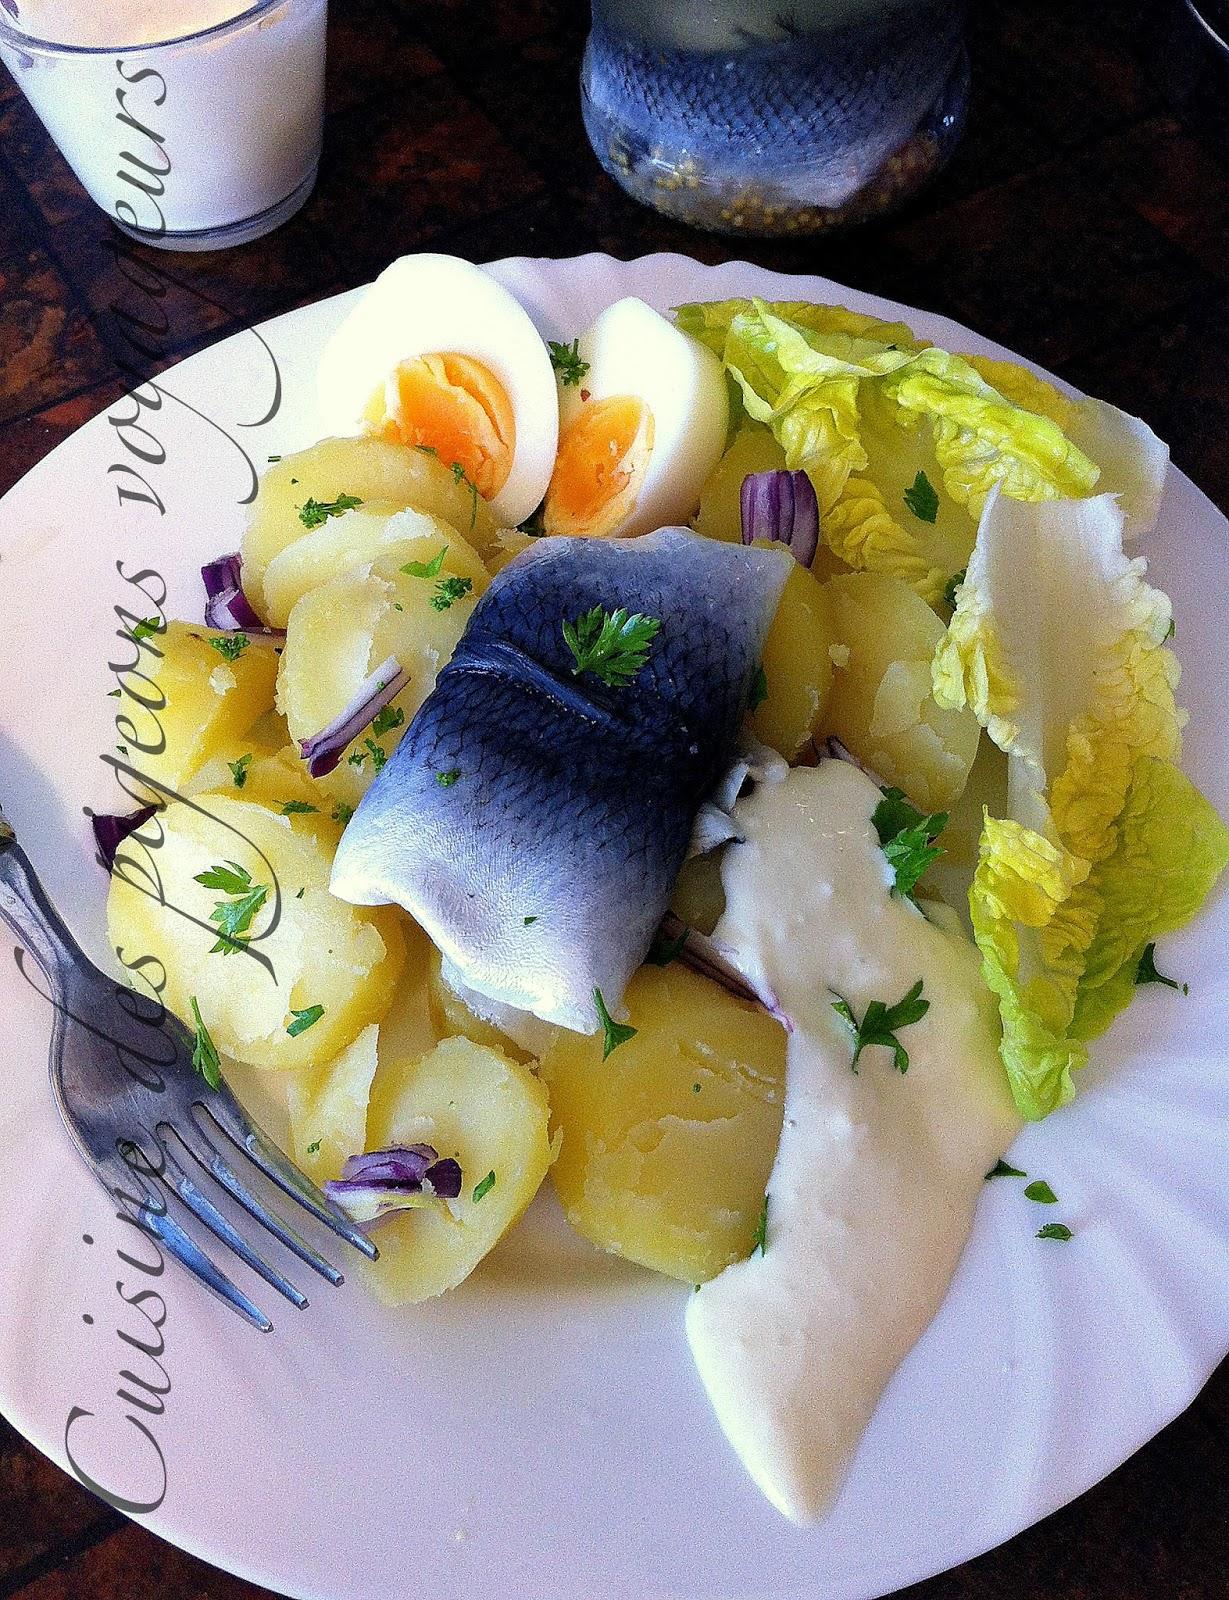 c hier de recettes des pigeons voyageurs salade de pommes de terre au hareng marin. Black Bedroom Furniture Sets. Home Design Ideas